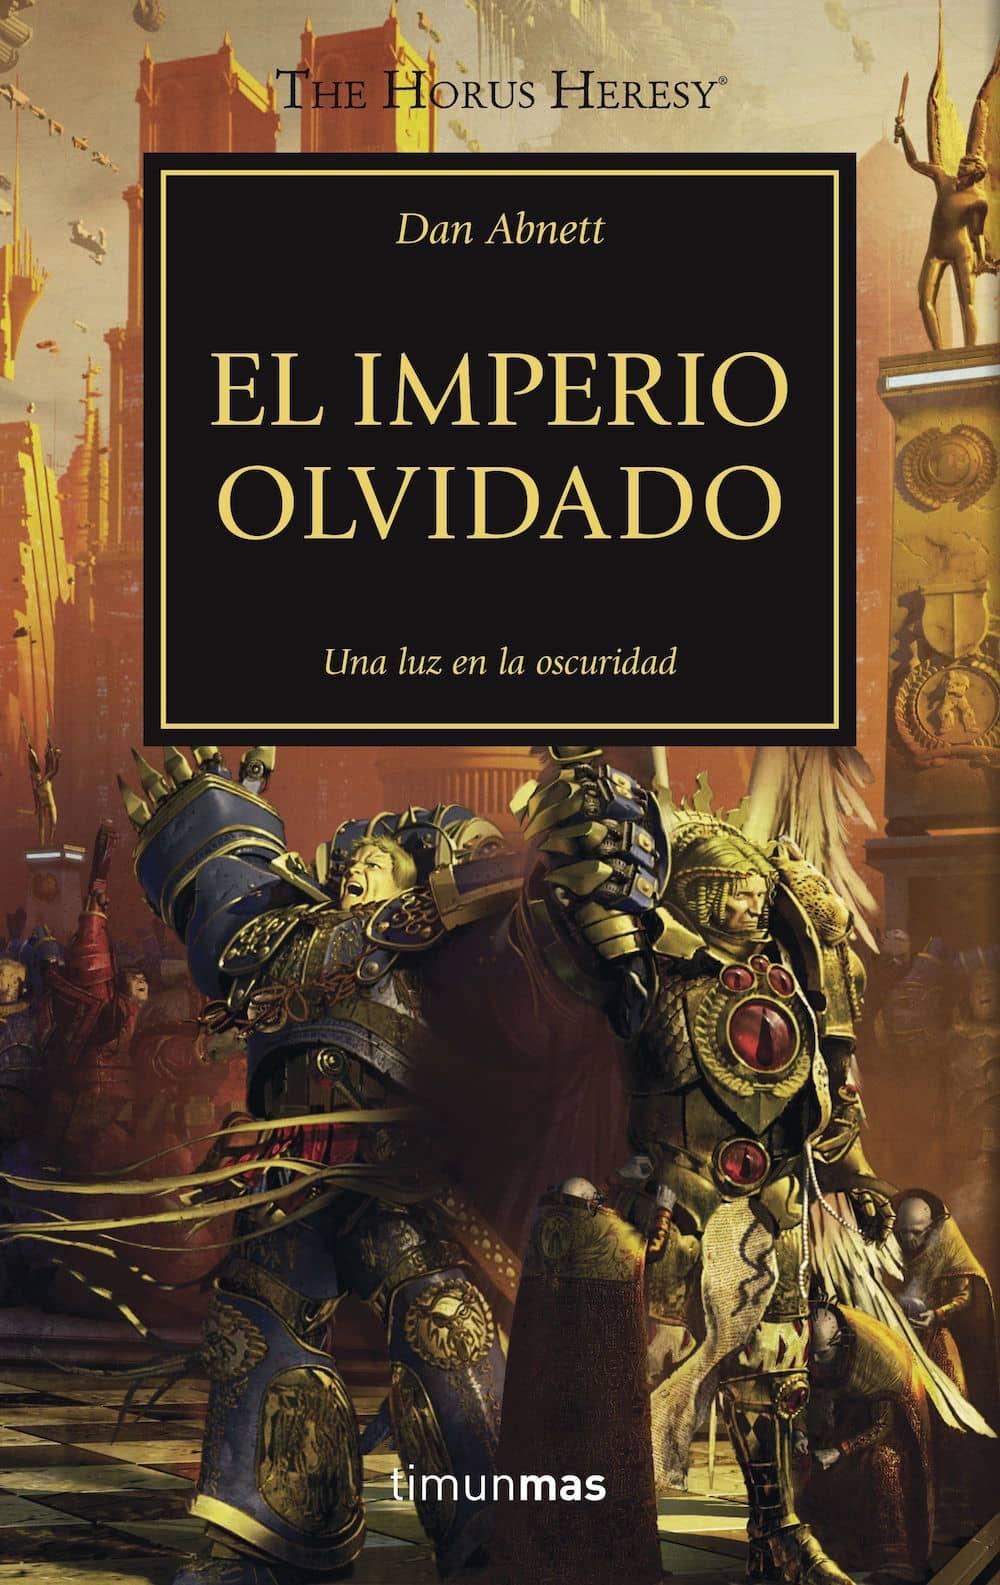 EL IMPERIO OLVIDADO  (LA HEREJIA DE HORUS)